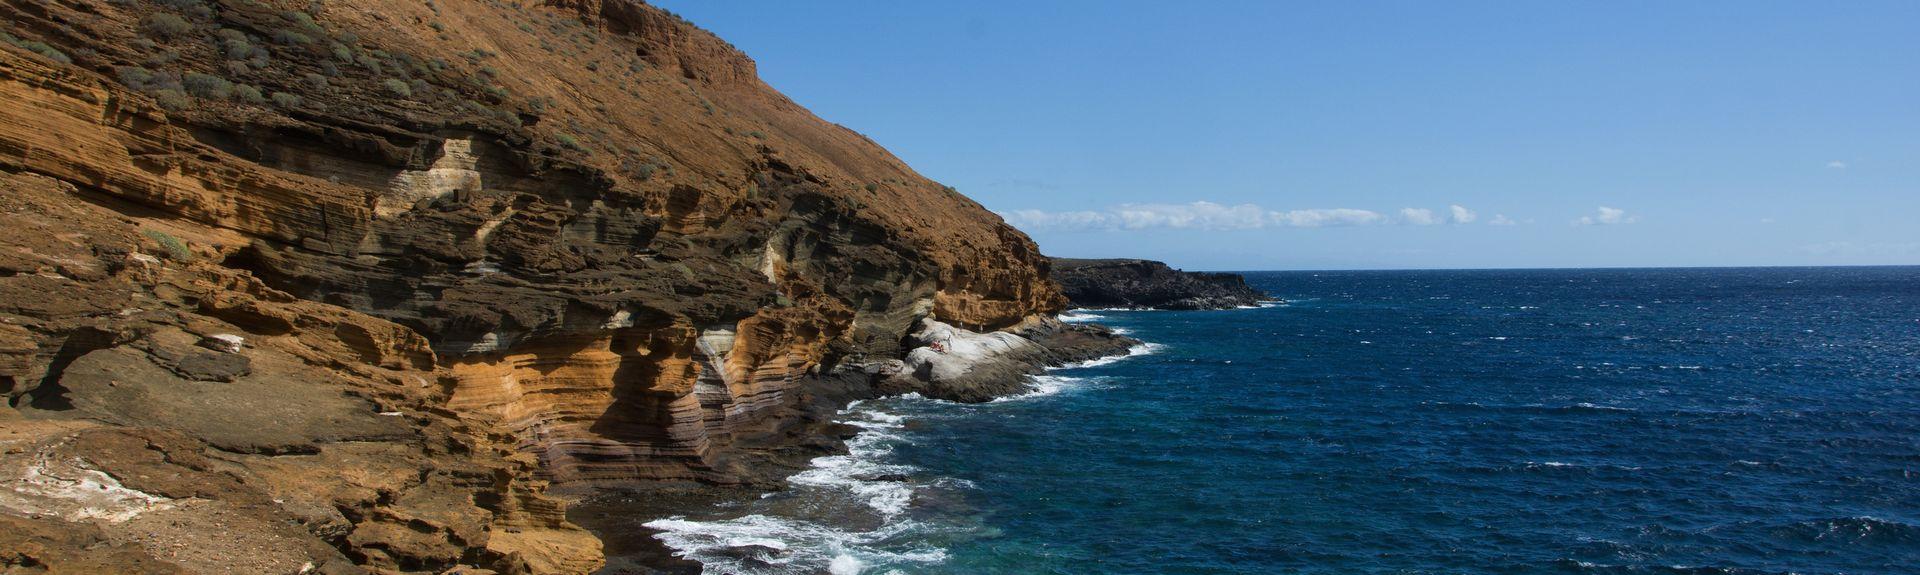 Troya-stranden, Kanariøyene, Spania